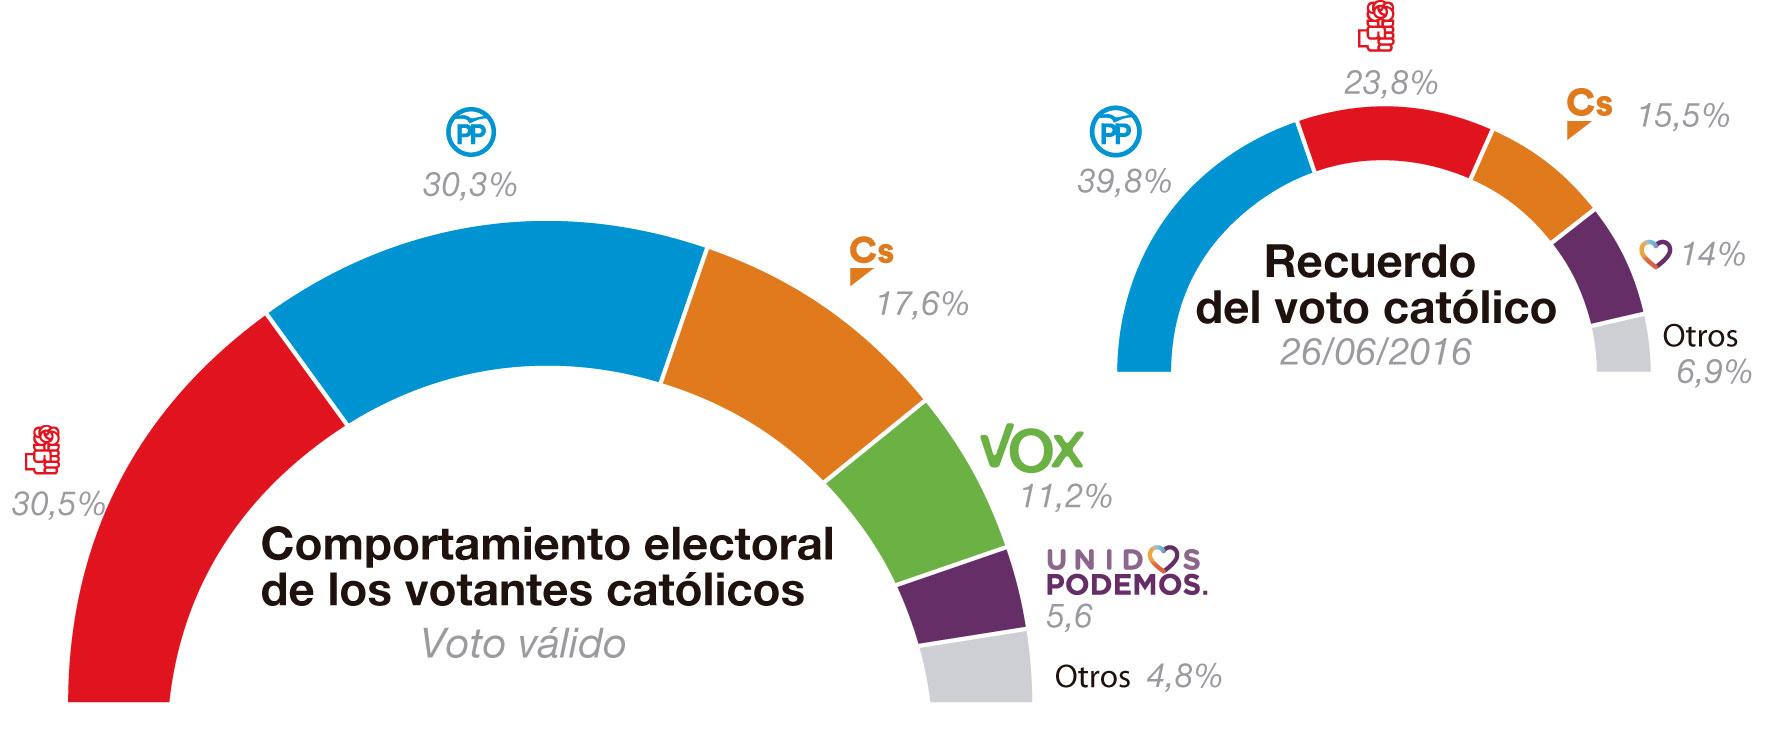 Así votarán los católicos en las elecciones generales del 28 de abril